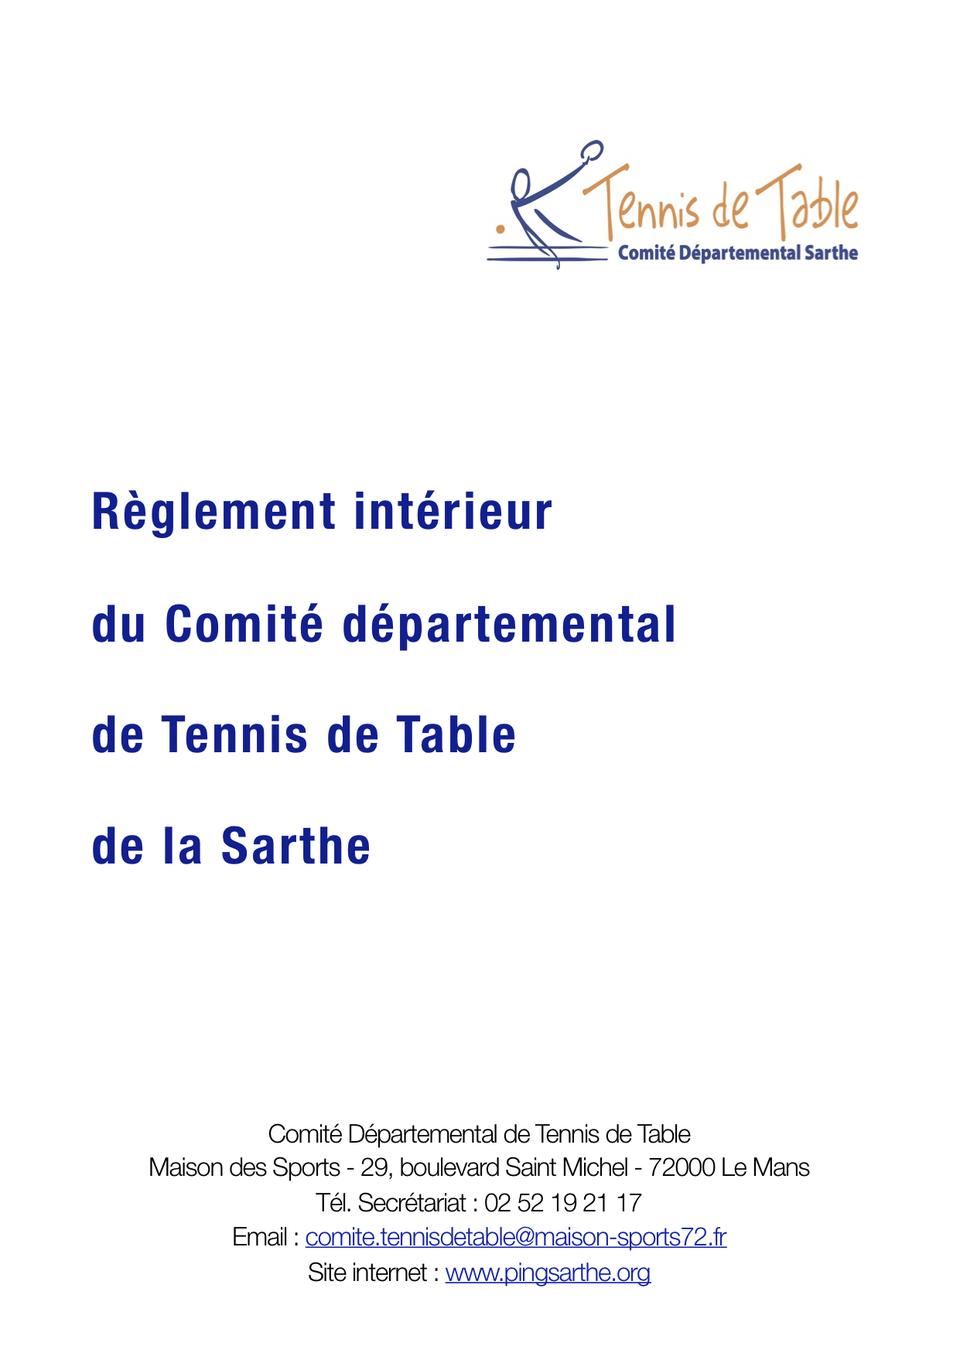 Règlement intérieur du Comité départemental